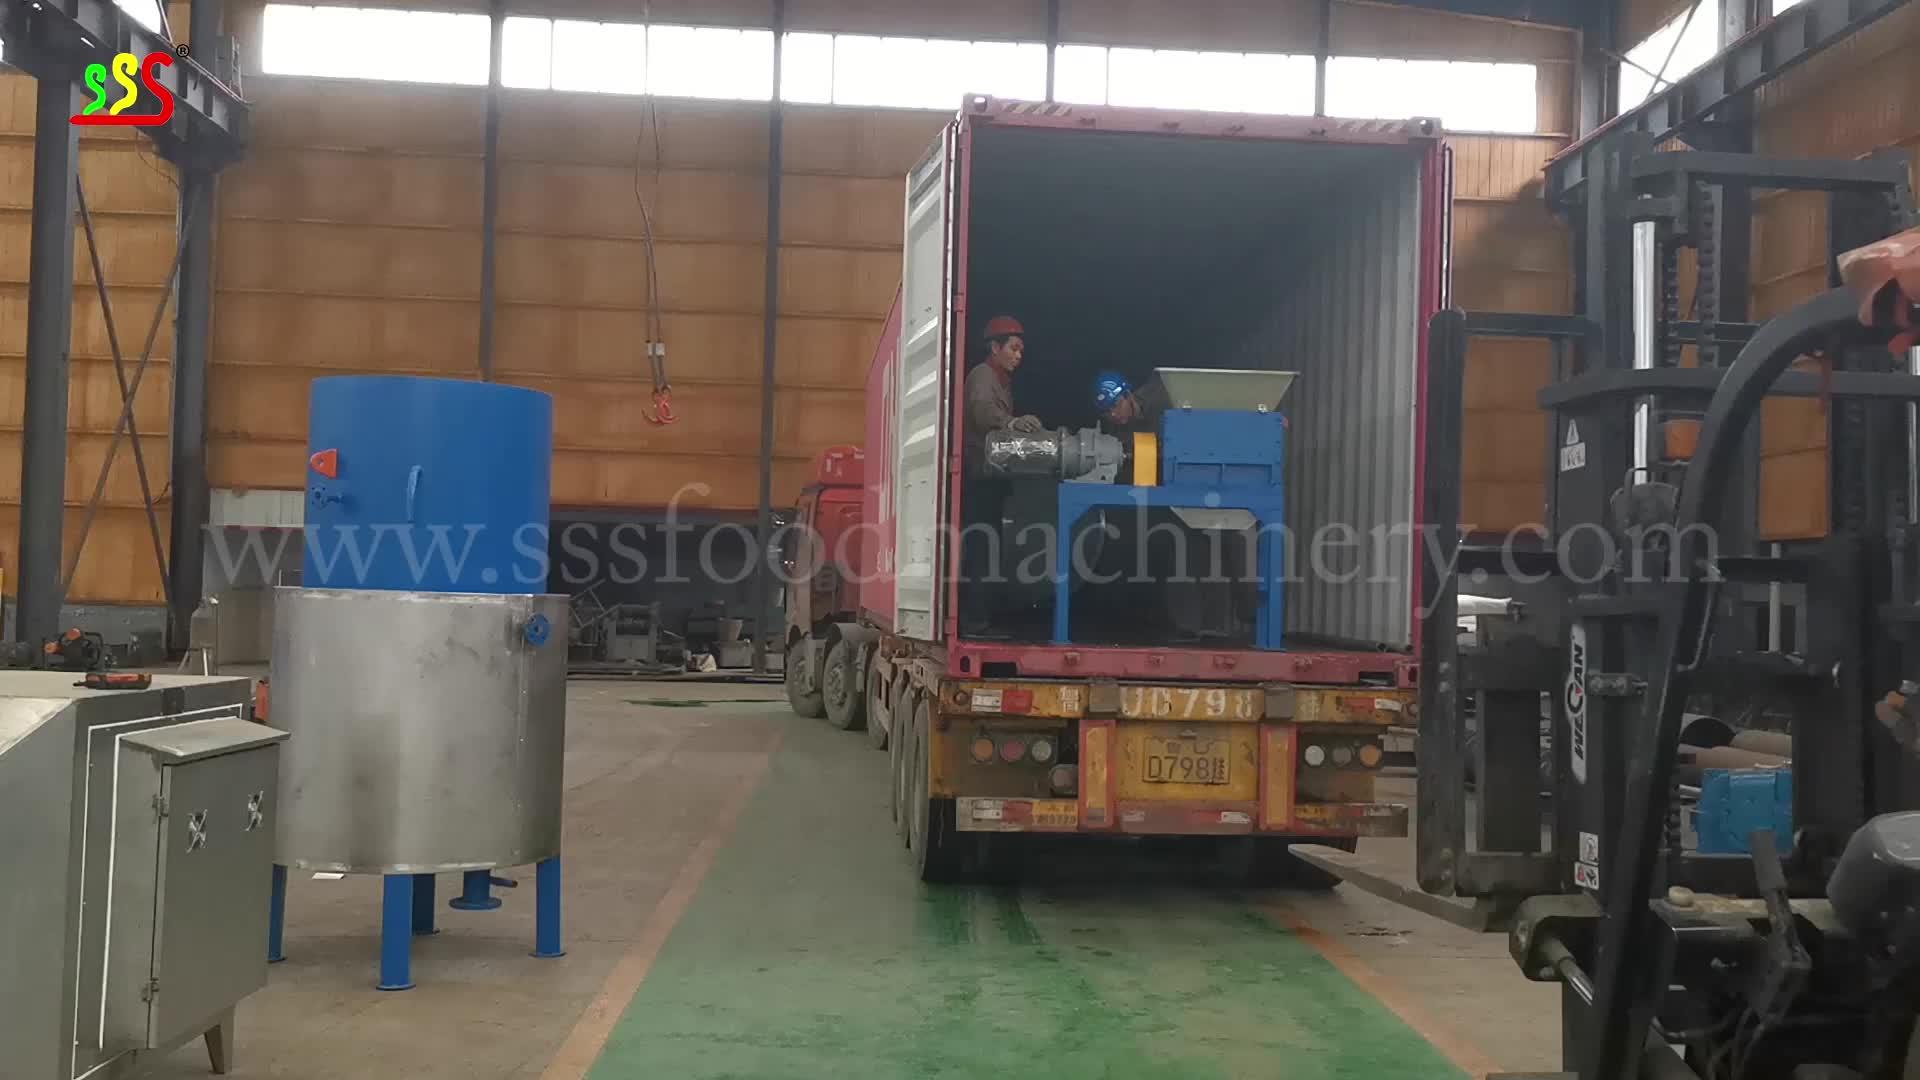 3 toneladas de material/lote integrado cocina y secado de pescado comer harina de pescado de la máquina